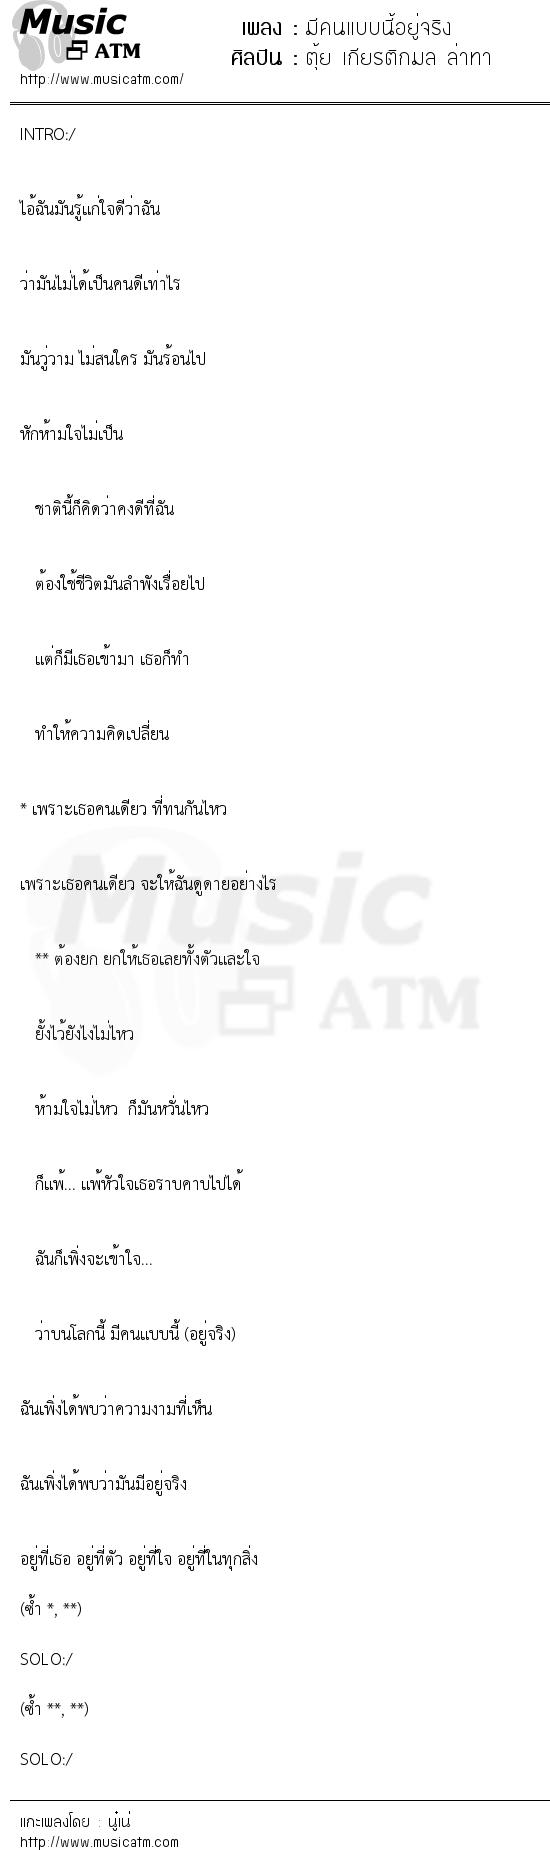 มีคนแบบนี้อยู่จริง | เพลงไทย